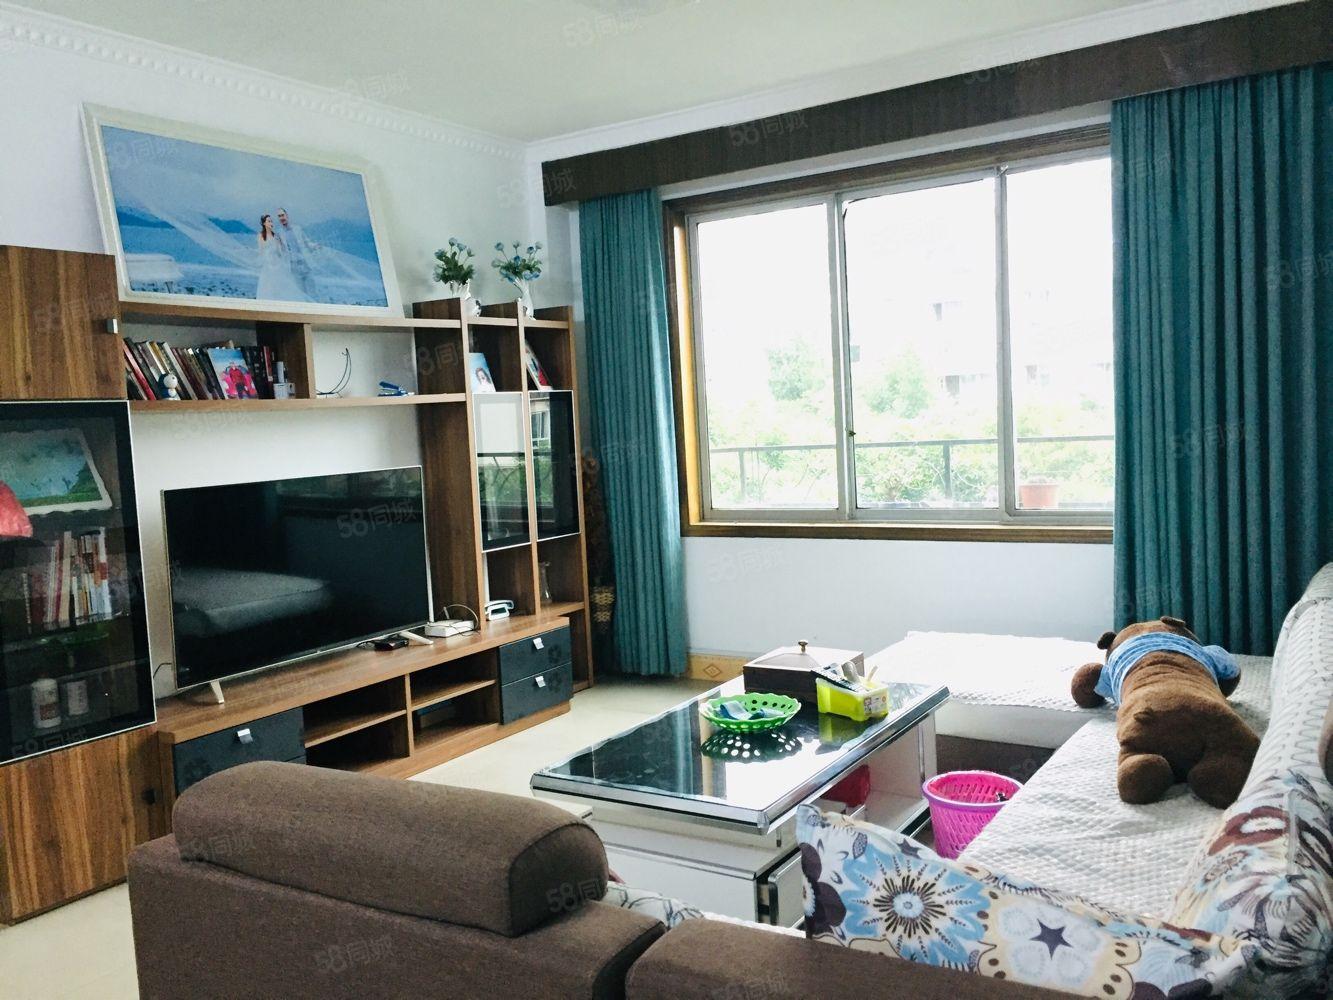 不到50万的价格,新装修婚房,中间楼层送全套家私电器